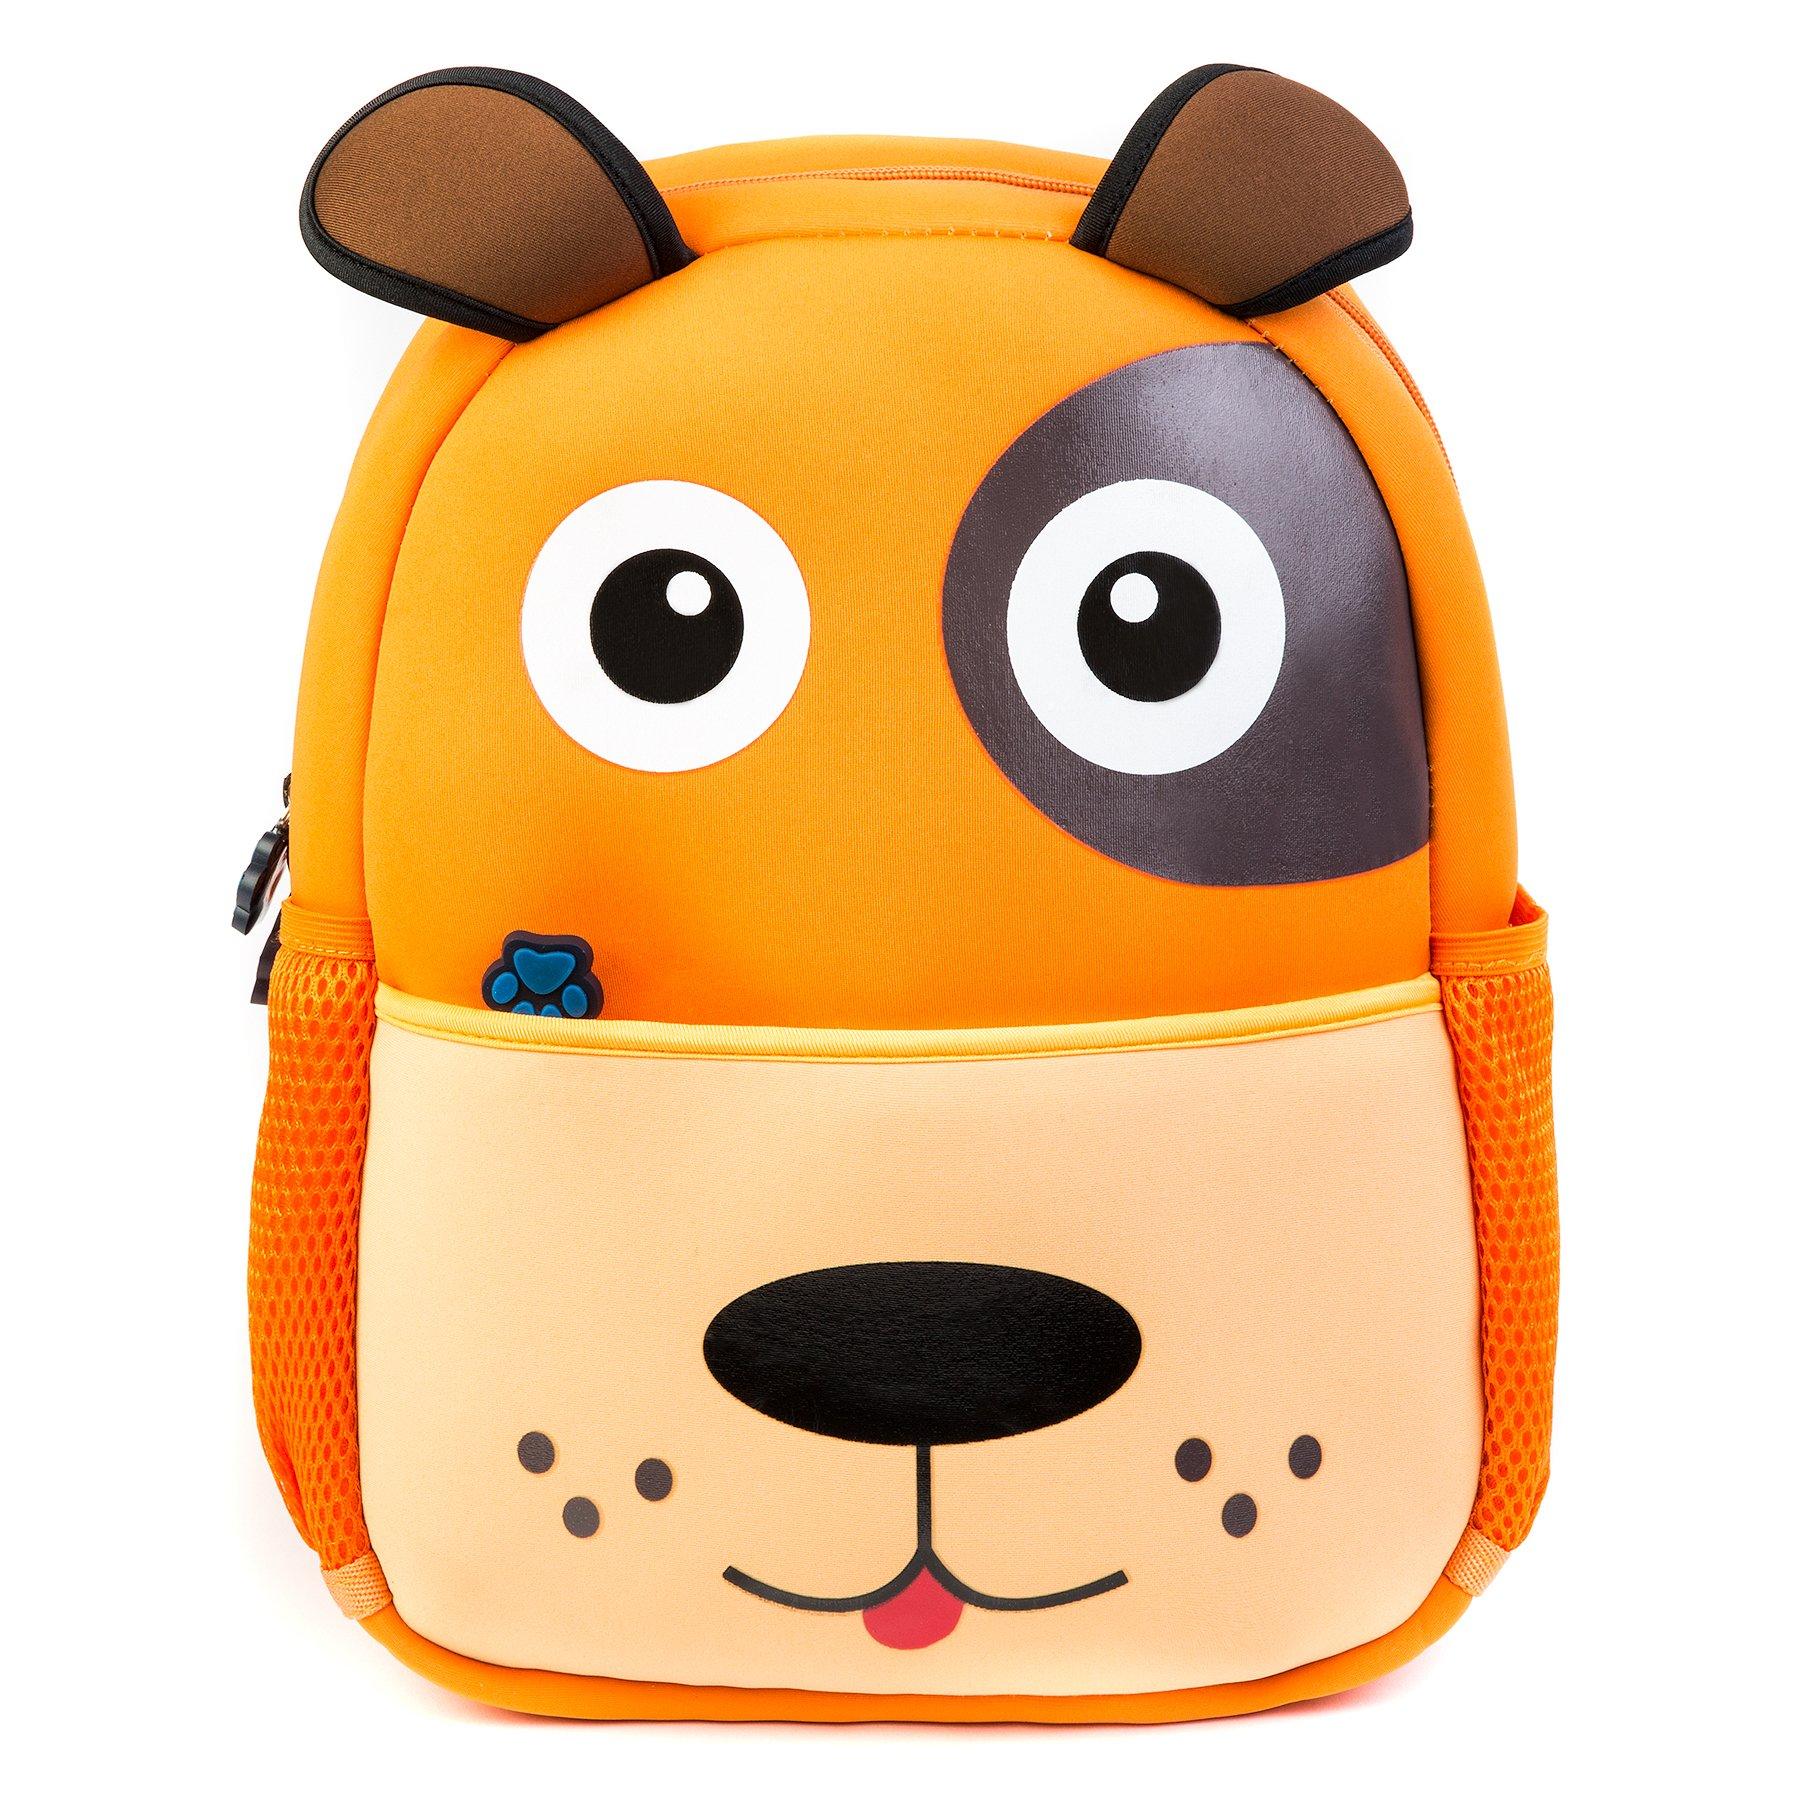 KiddizStore Premium Durable Waterproof Backpacks Kids from, Neoprene Cute Dog School Bag Boys, Girls, Pre-School, Kindergarten, Traveling, Hiking, Camping Outdoor Daypack (Large, Orange)